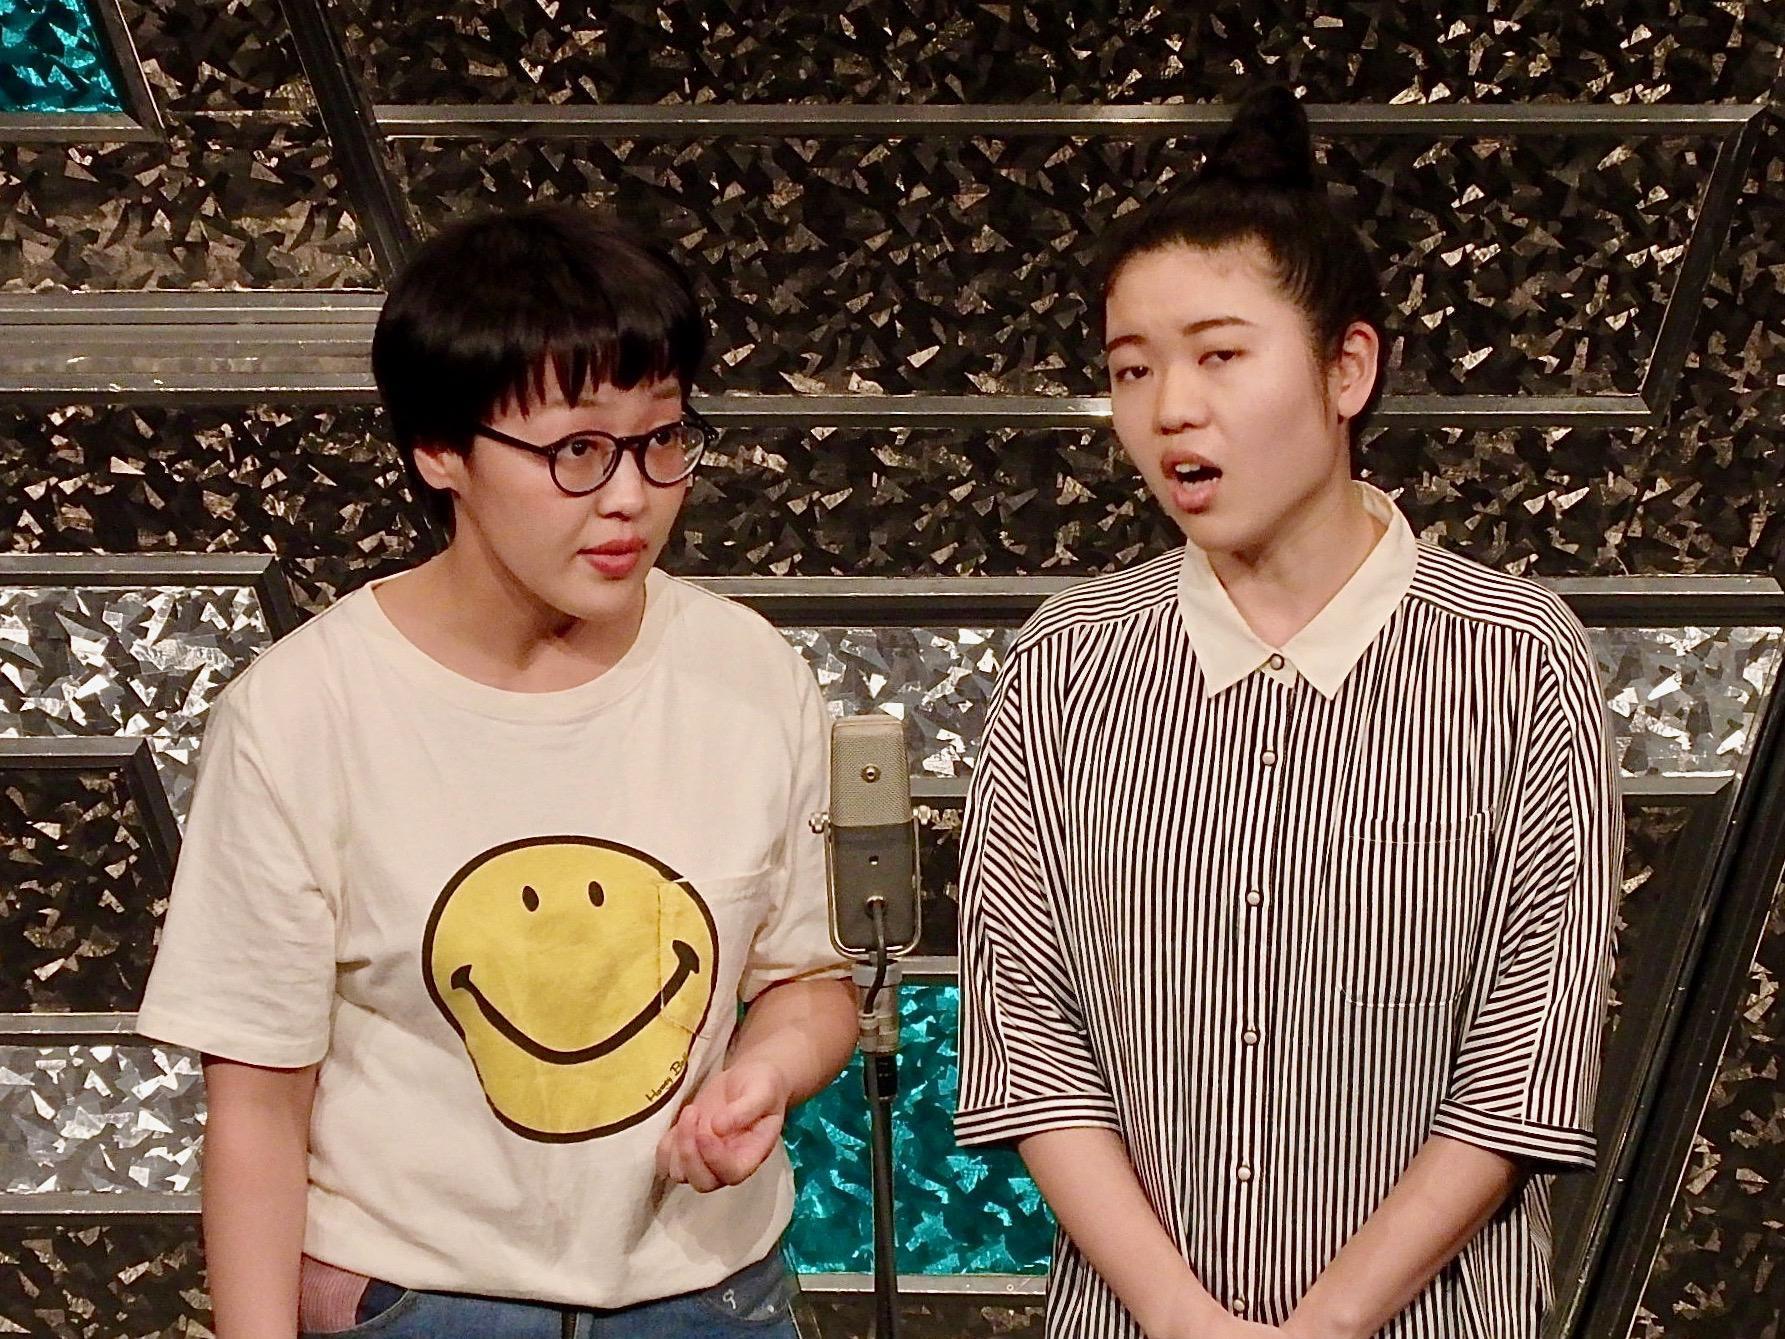 http://news.yoshimoto.co.jp/20180312200726-930190703a4013bf7d0a4c09ba5a7a9924512deb.jpg